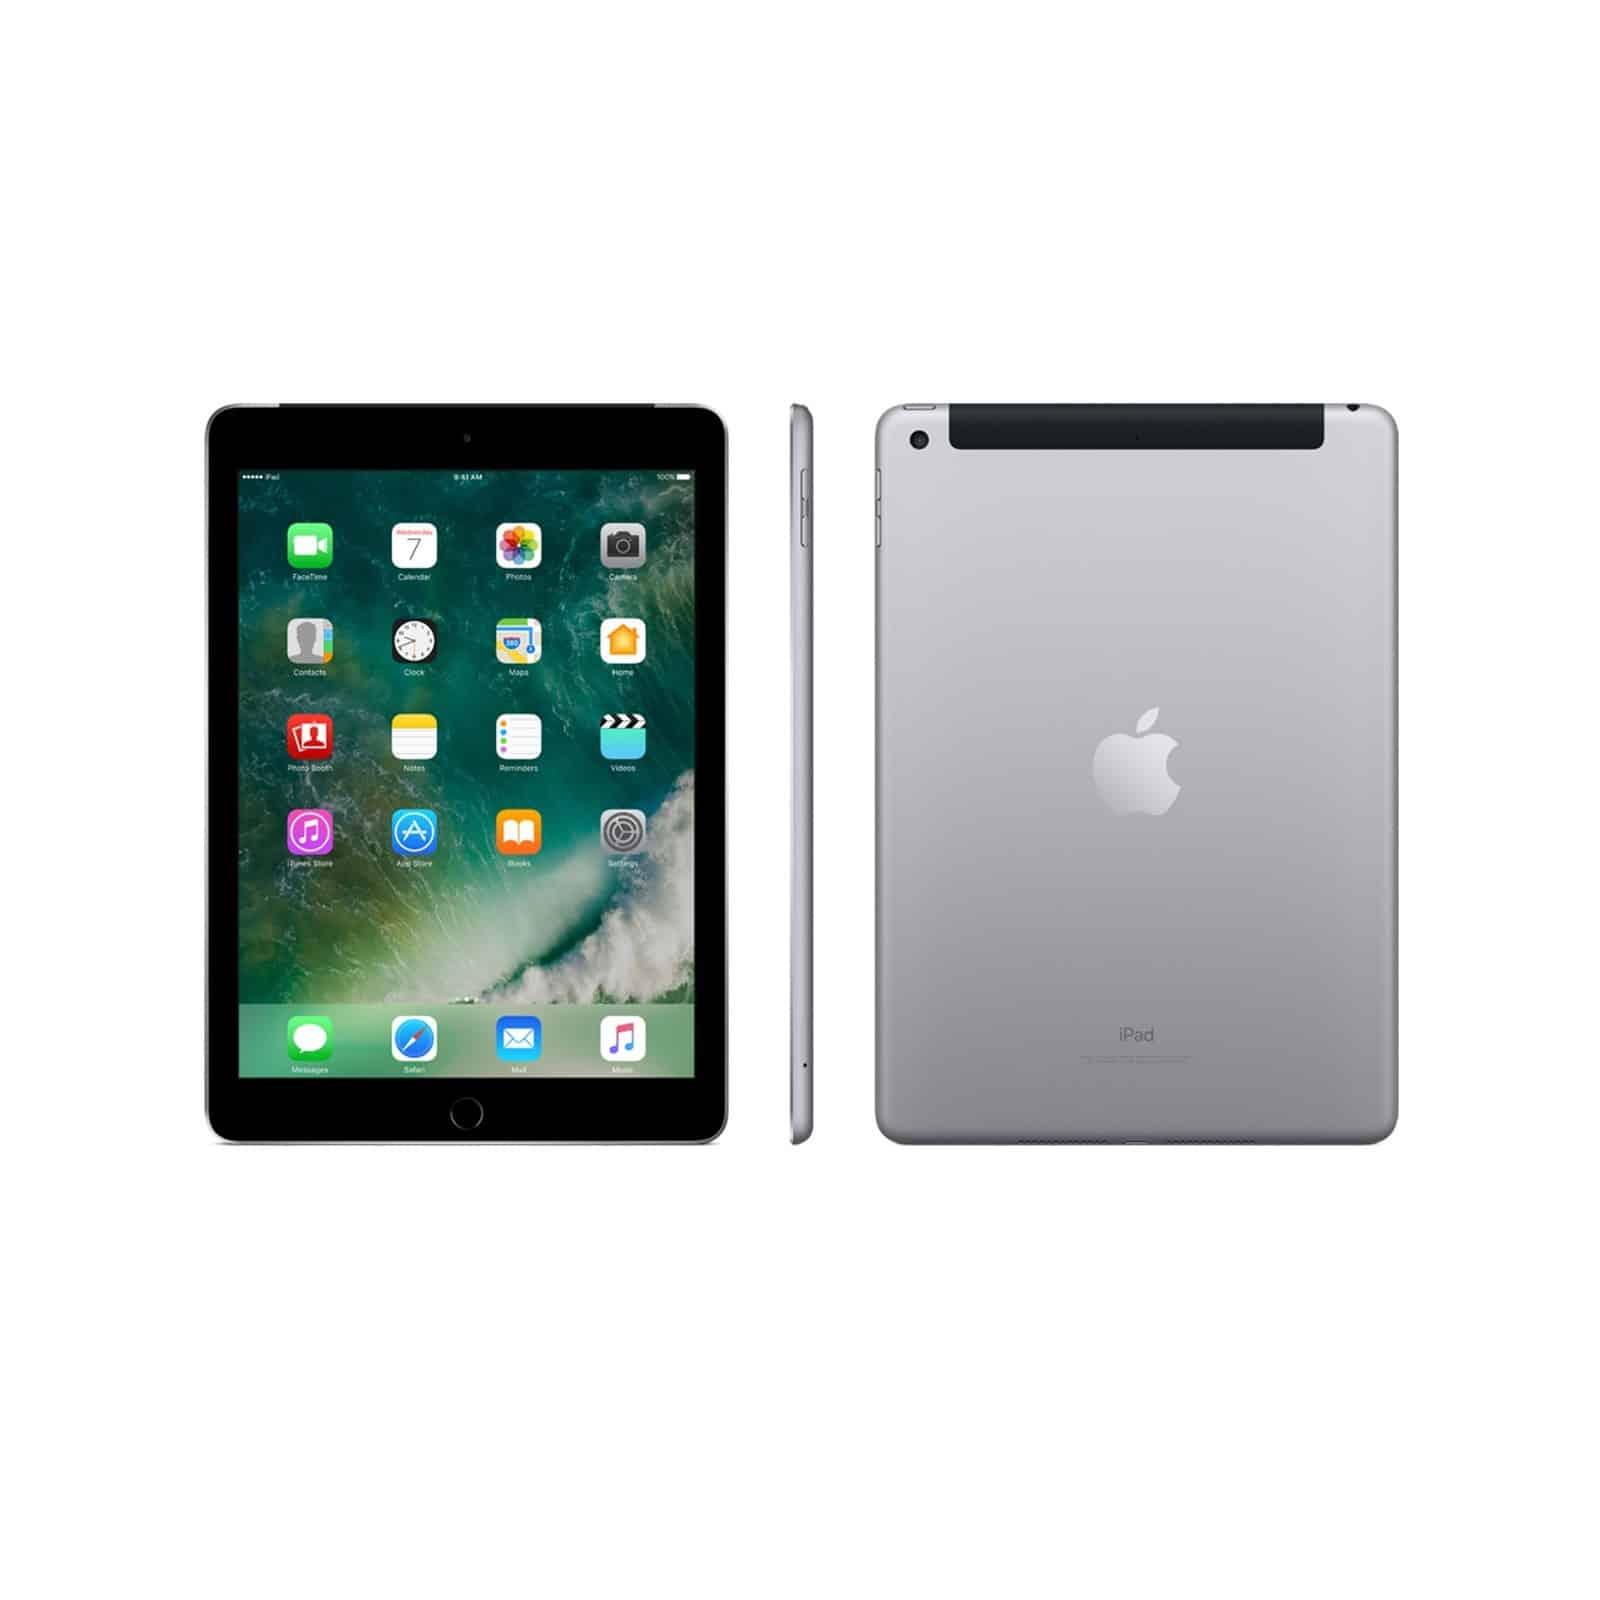 Gratis iPad – die Partneraktion von KB3